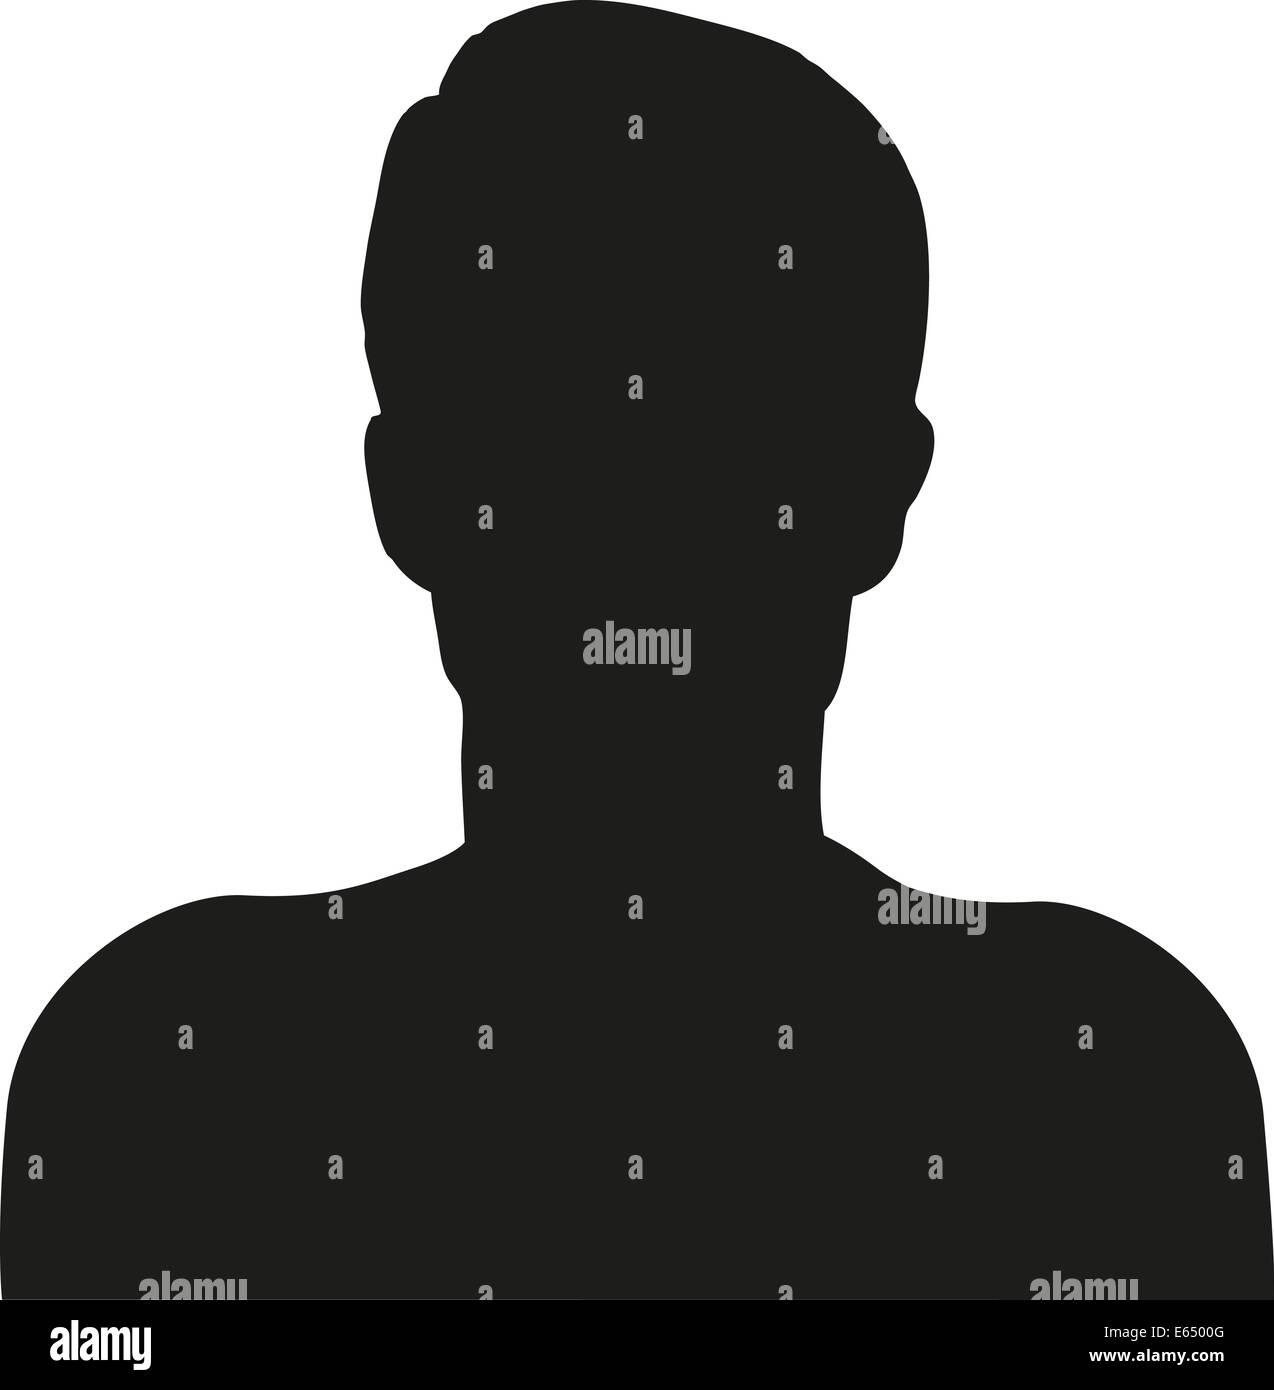 Silhouette Mann Scherenschnitt schwarz weiß Umriss Männer kurz Haare Abbild Symbol Symbolik User Userfoto - Stock Image